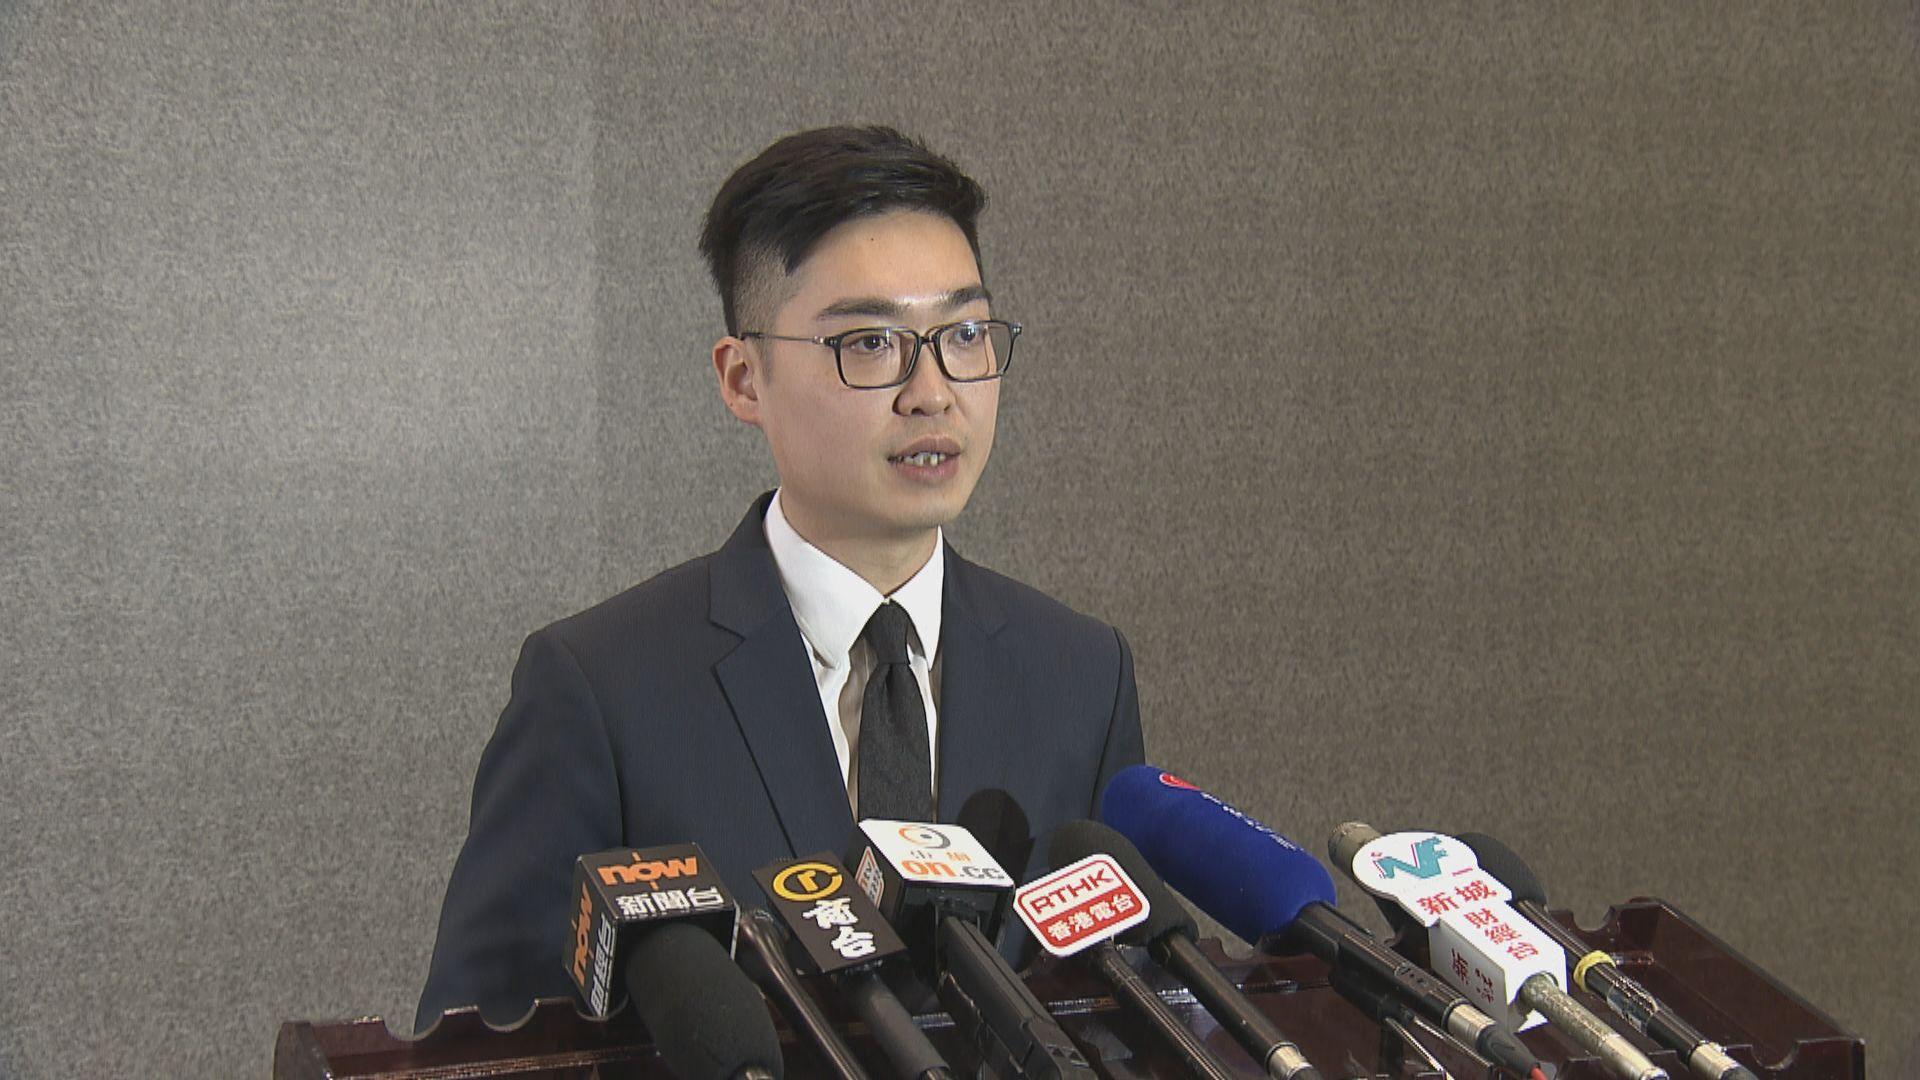 陳浩天拒絕透露出席上訴聆訊的官員和內容